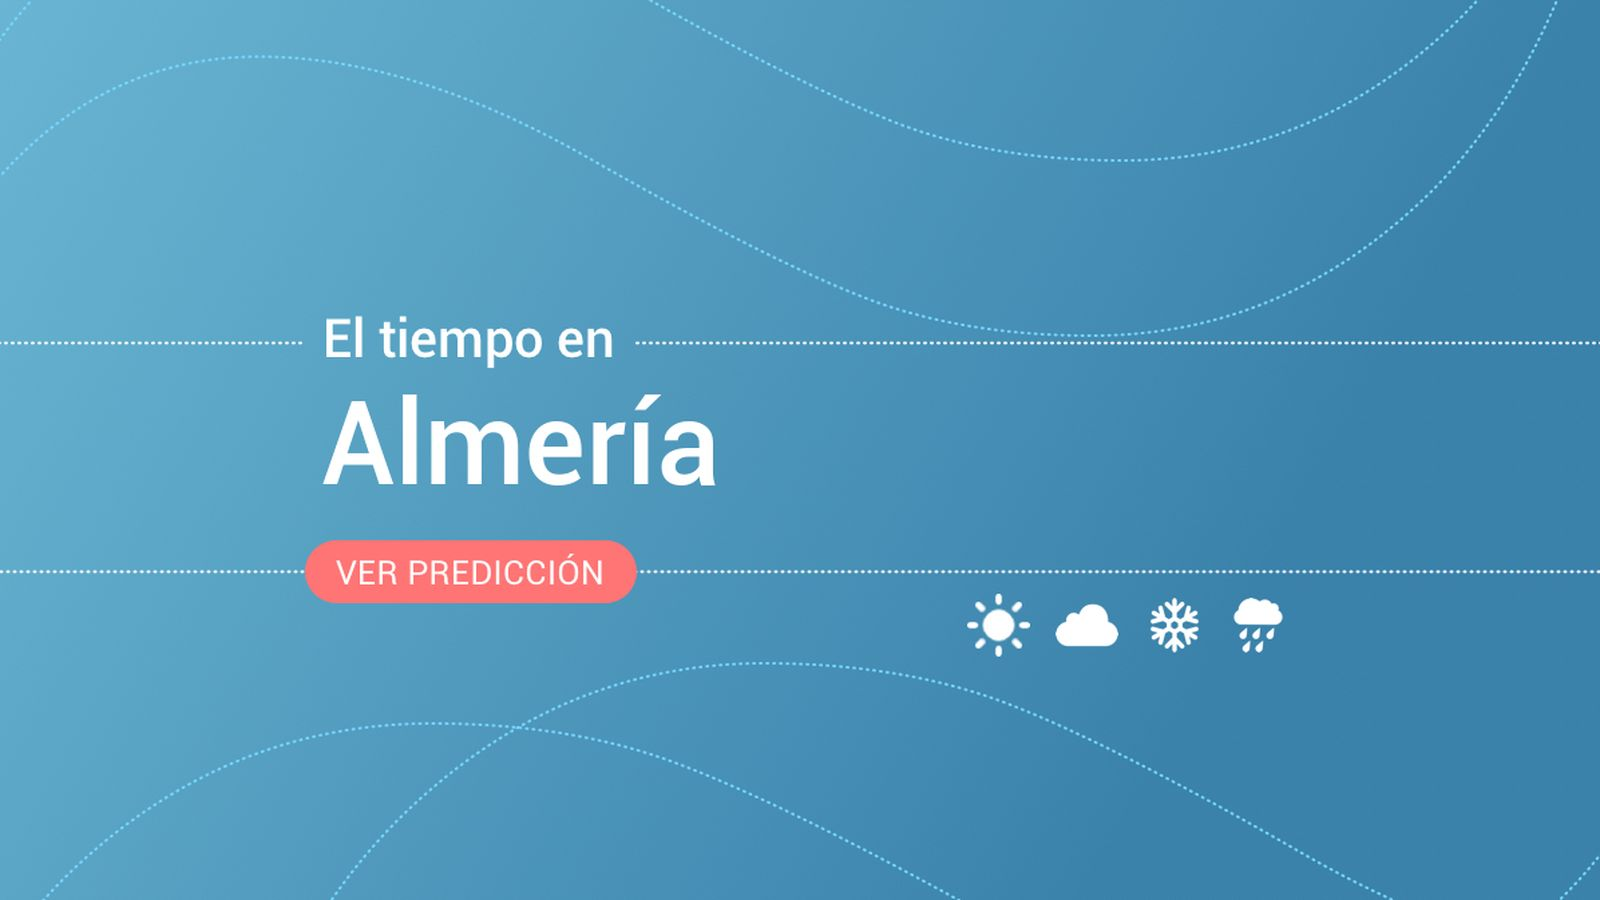 Foto: El tiempo en Almería. (EC)